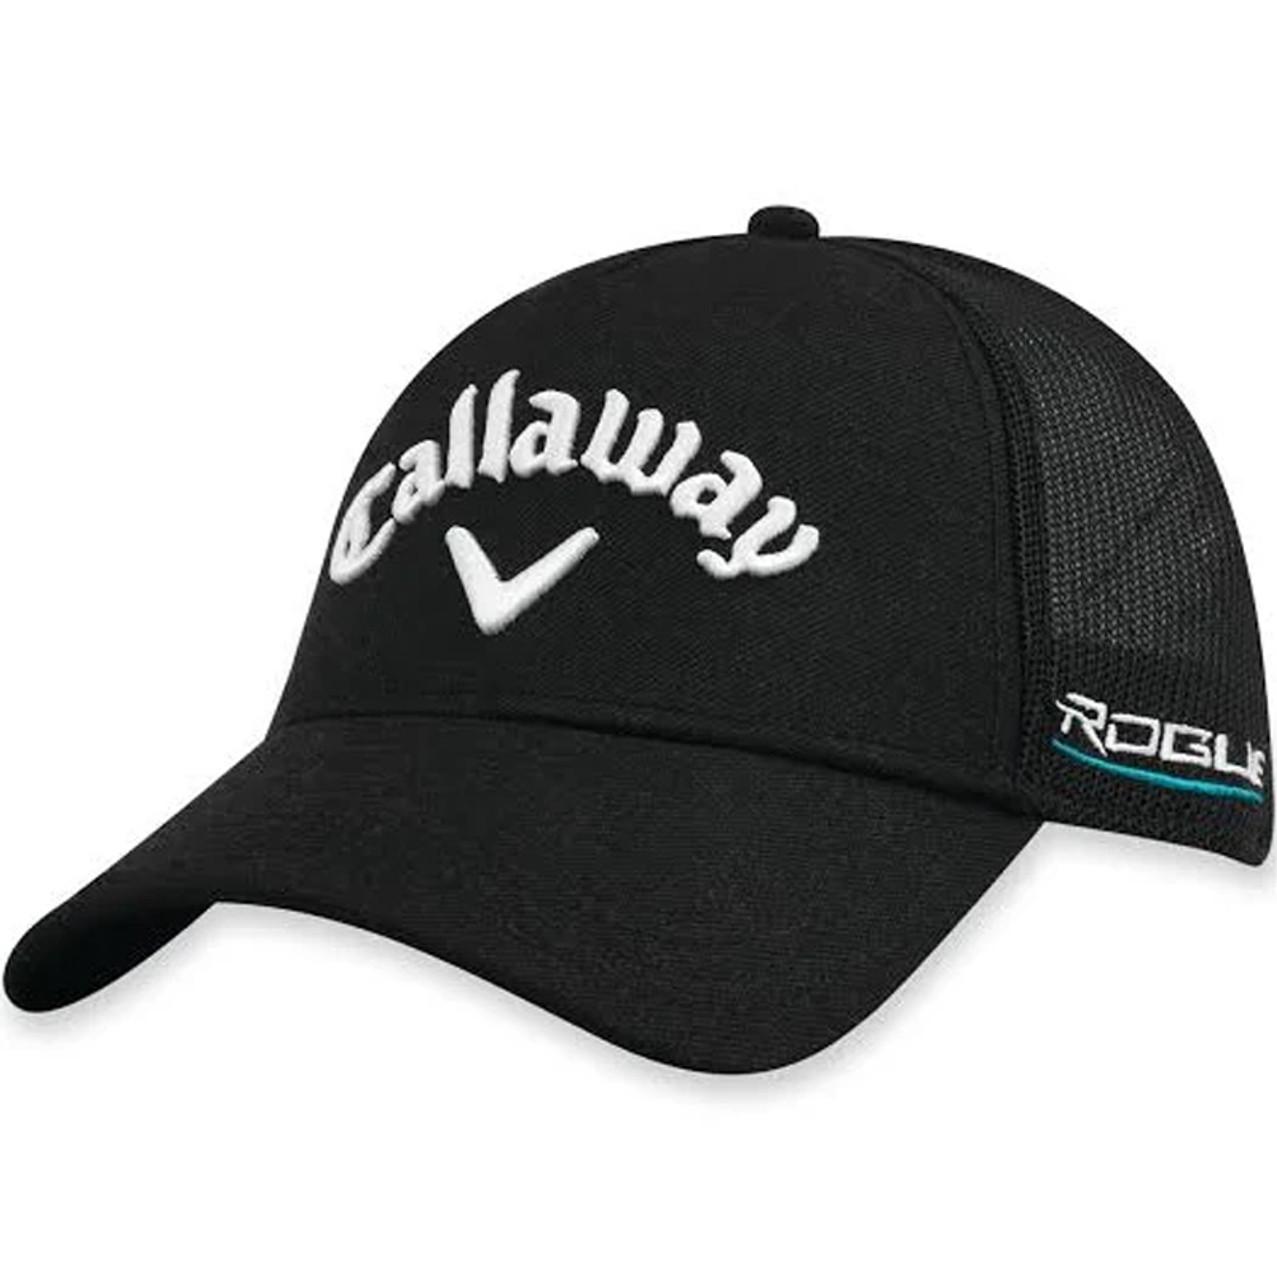 Callaway Rogue Trucker Cap - Black